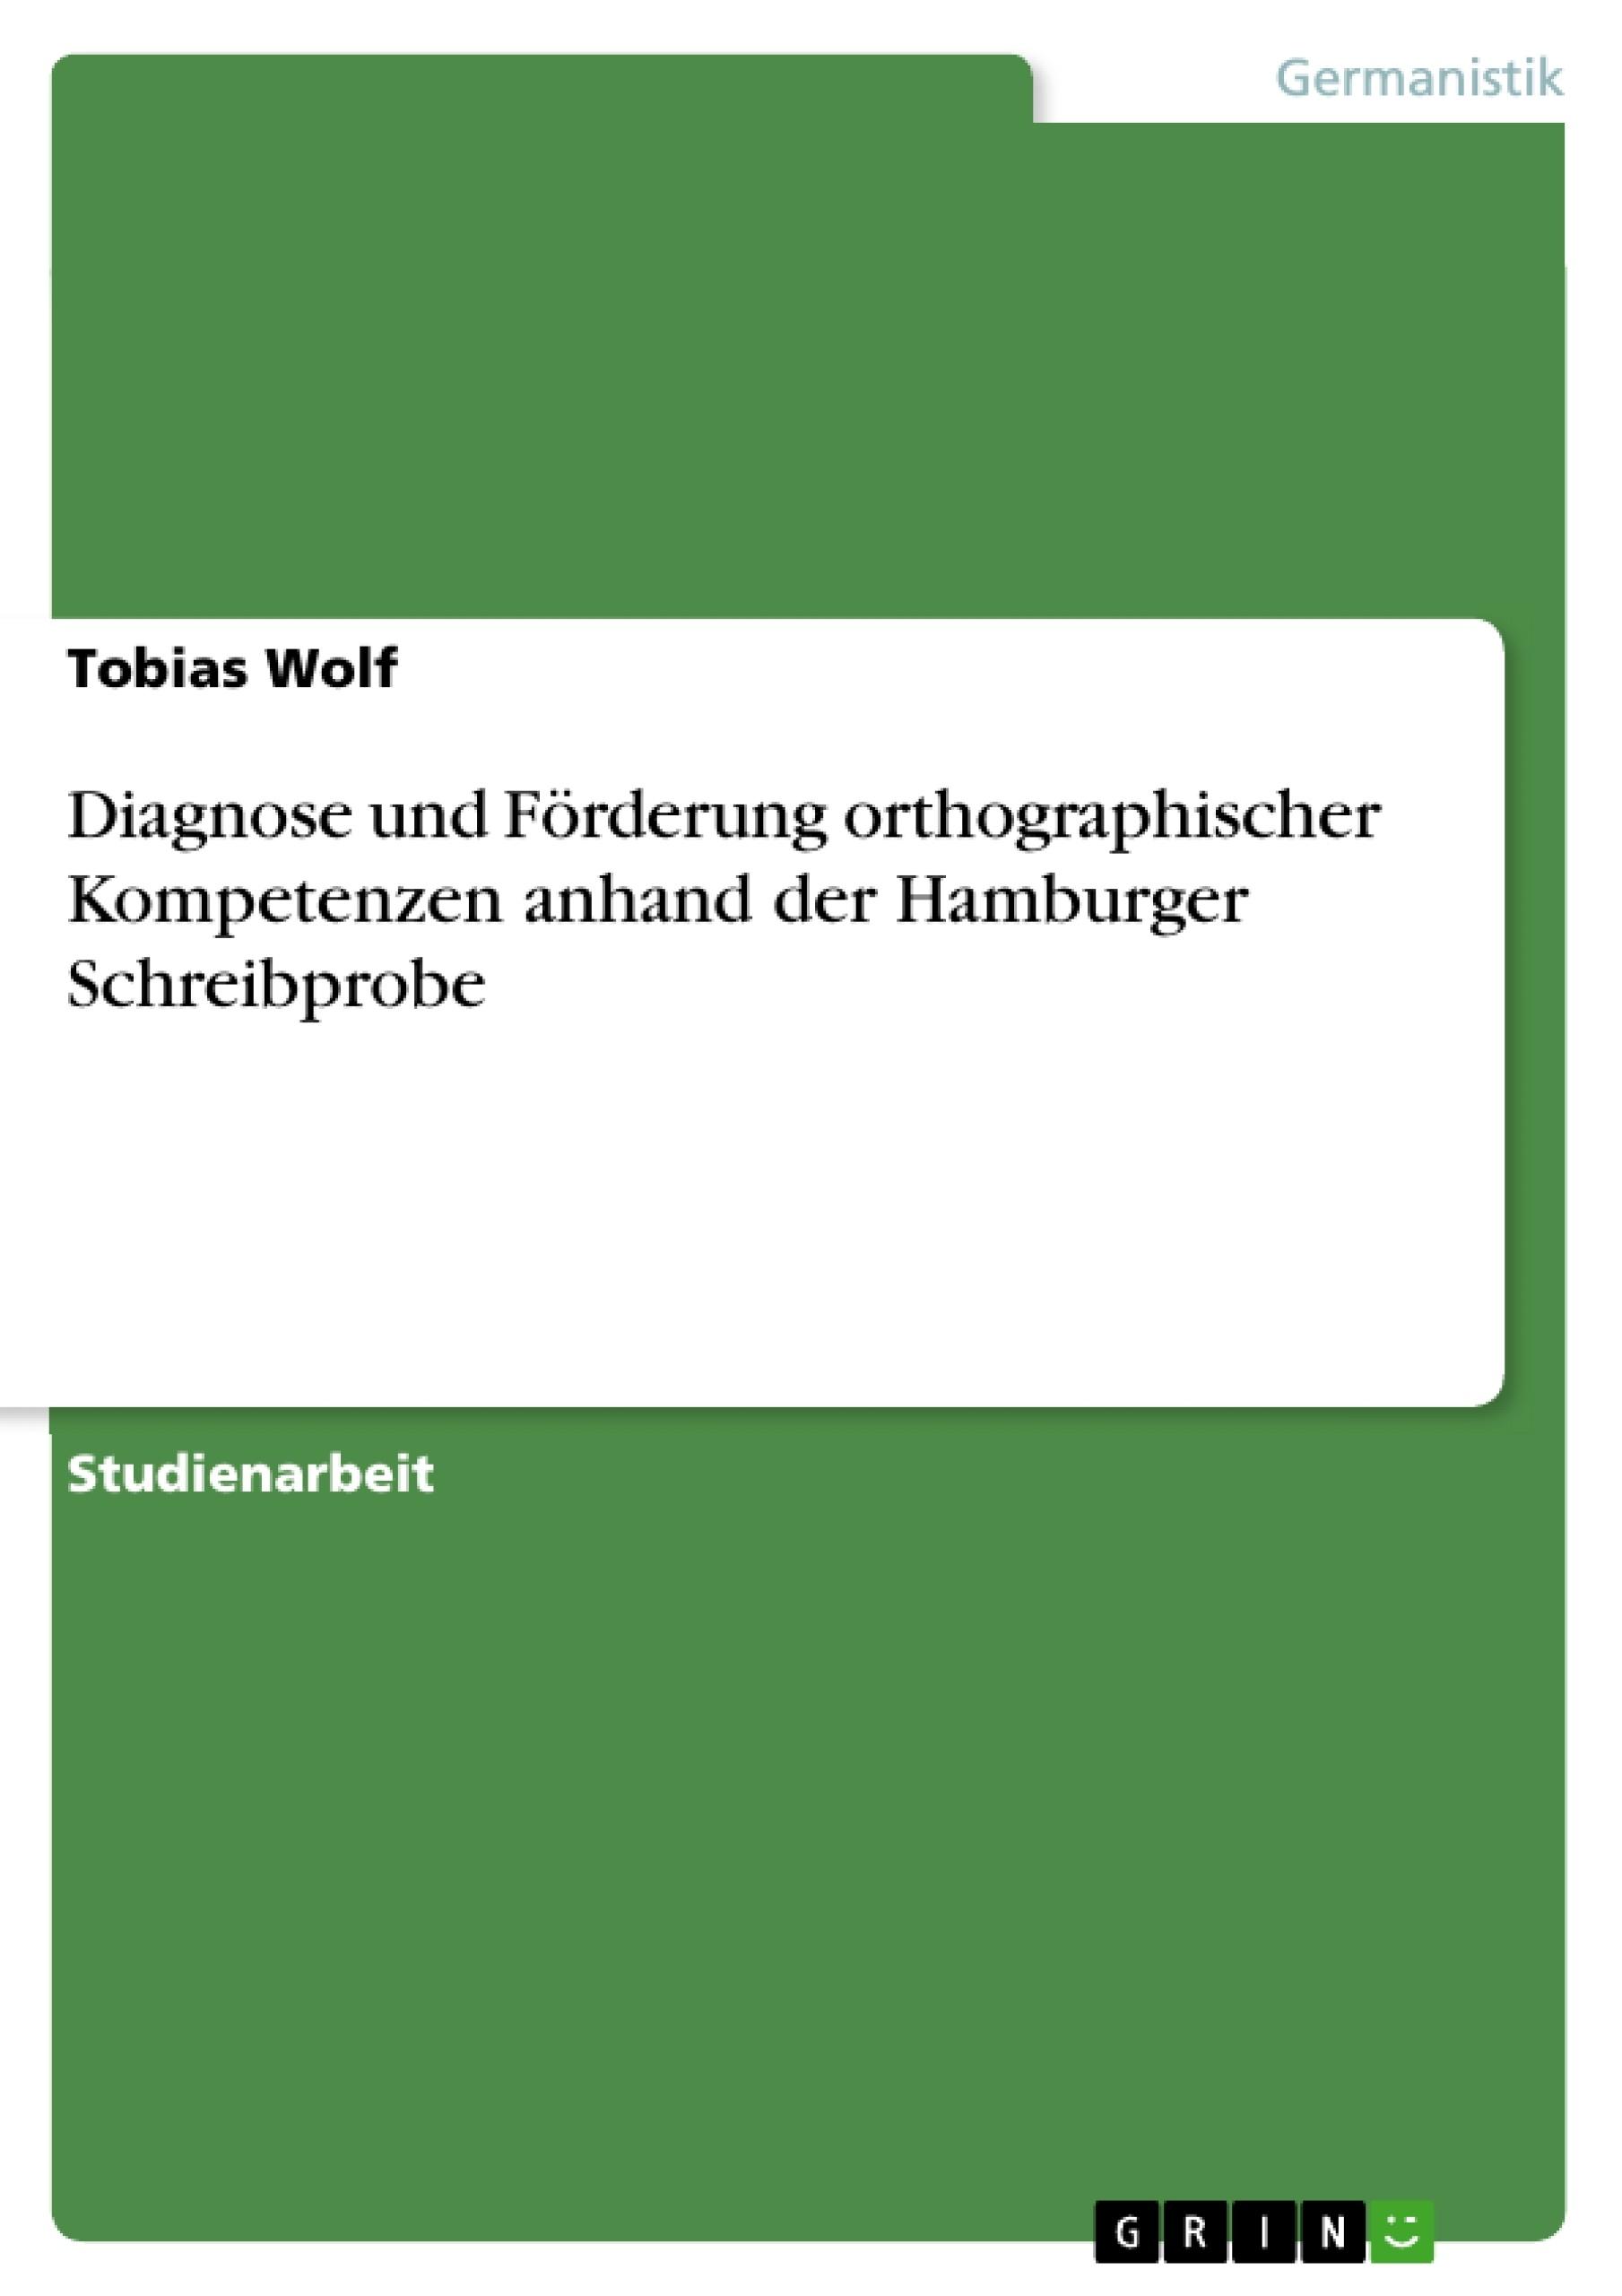 Titel: Diagnose und Förderung orthographischer Kompetenzen anhand der Hamburger Schreibprobe